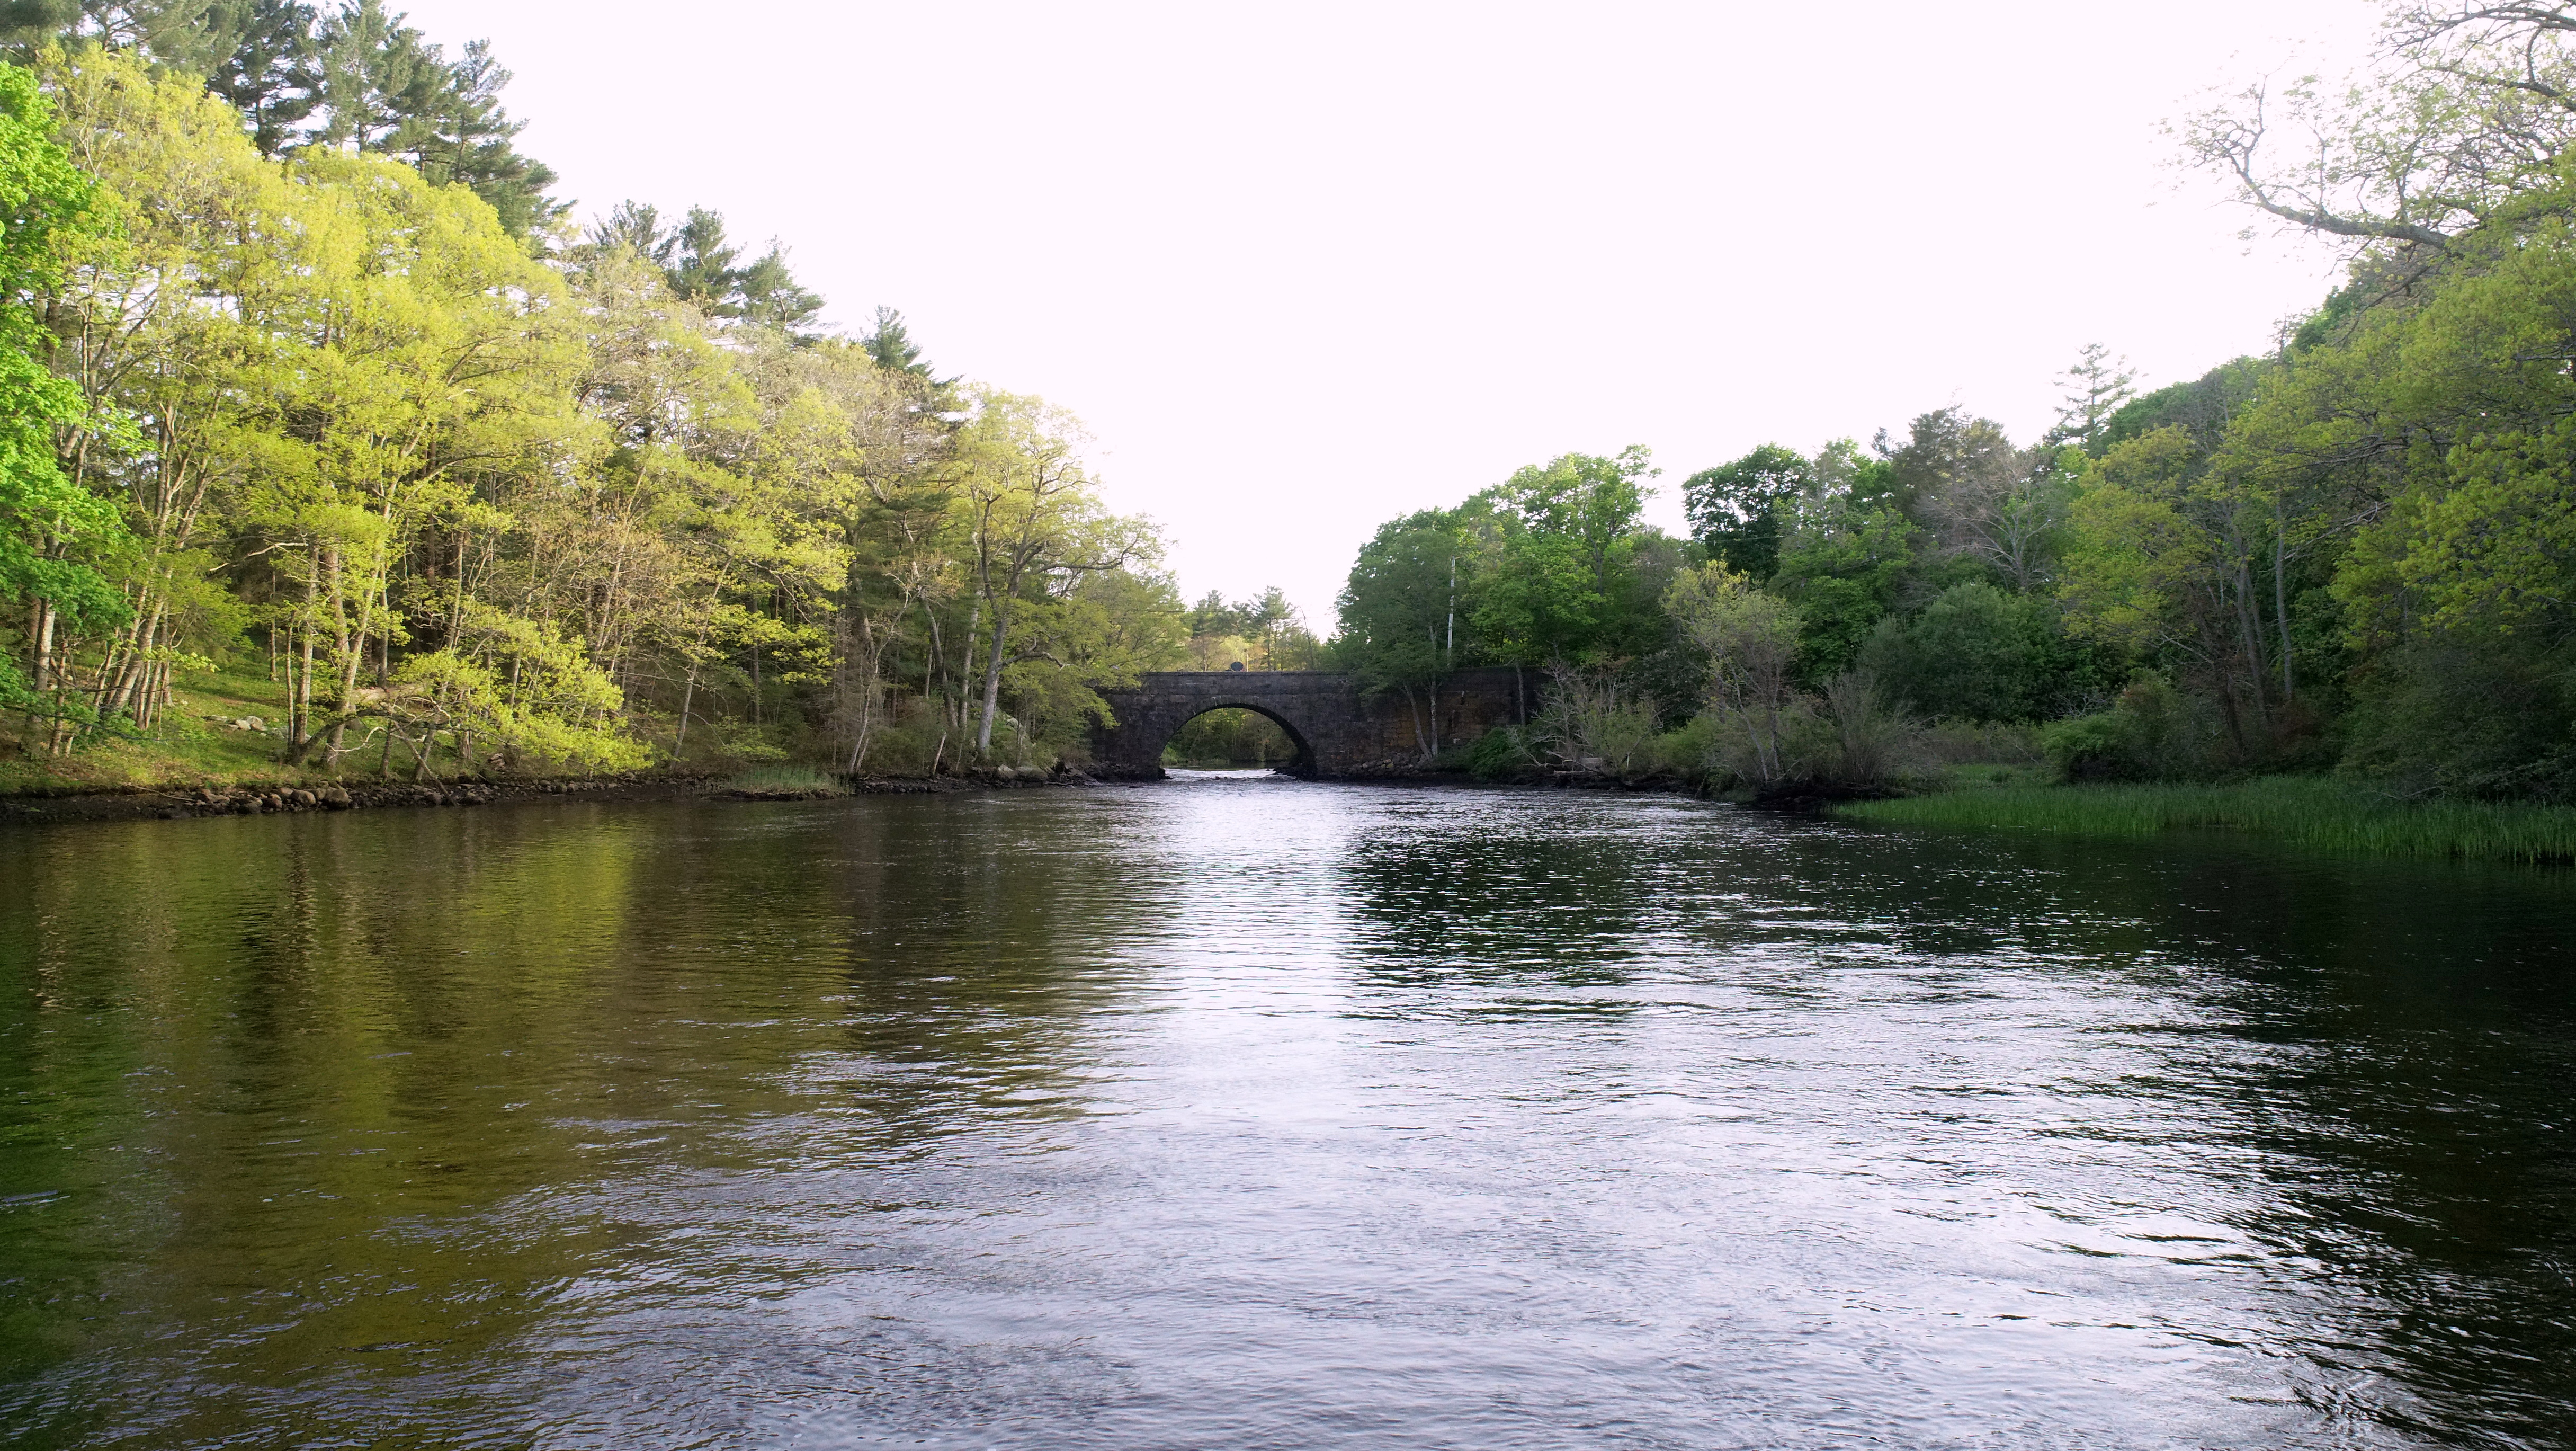 North River Scenic